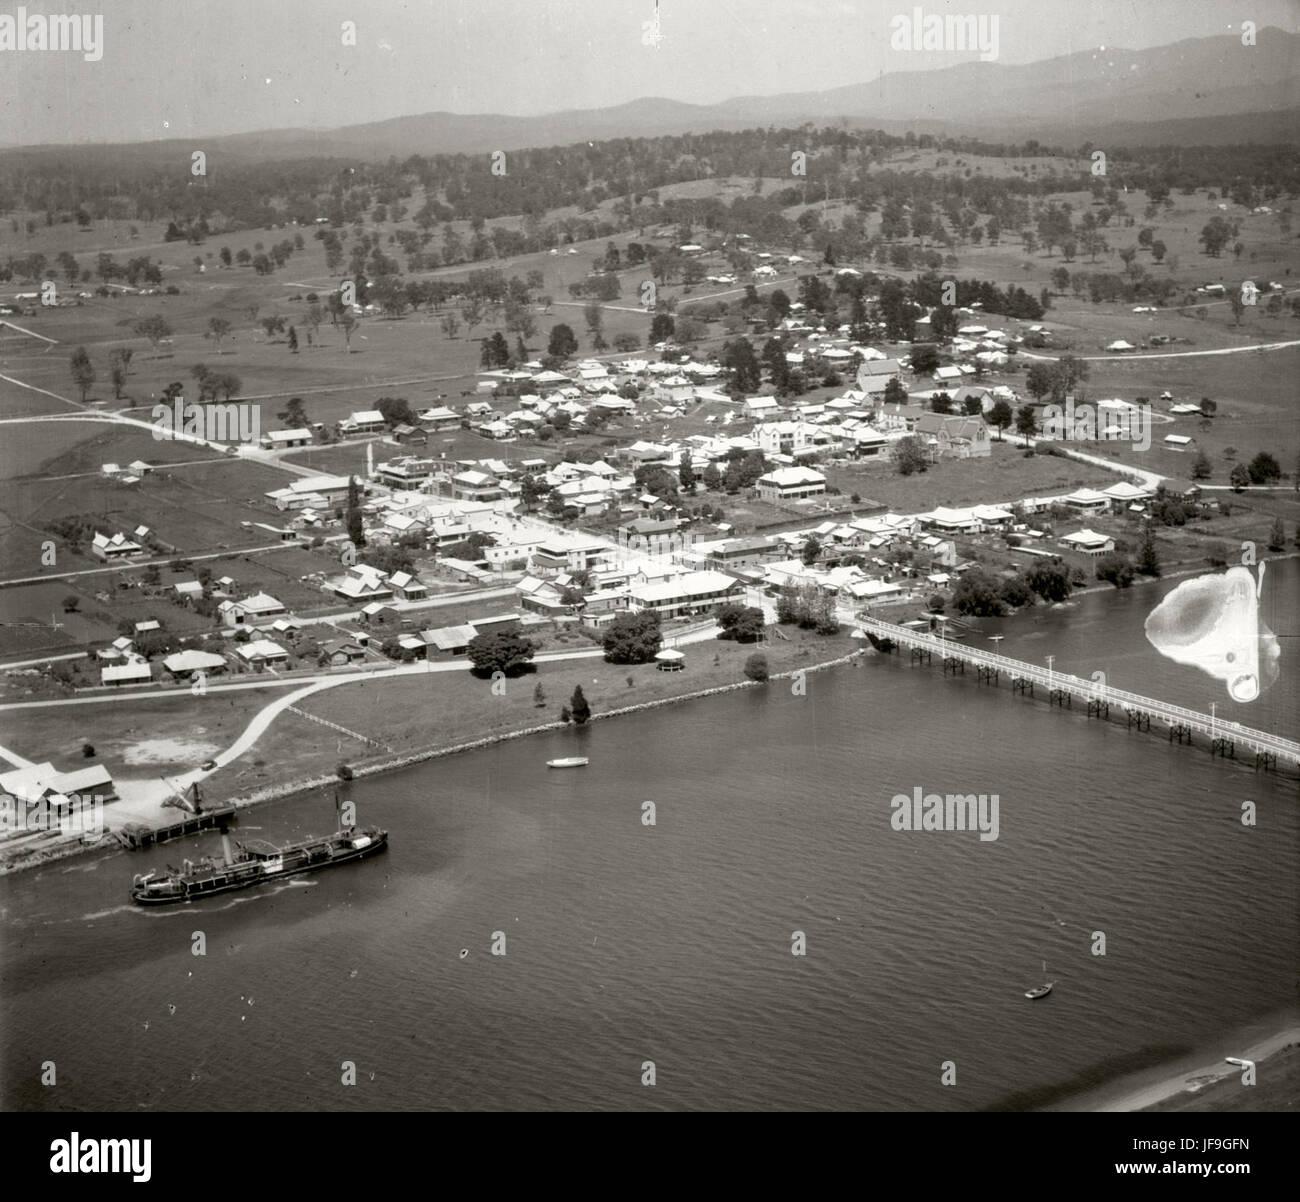 Moruya - 17 Nov 1937 30129259826 o - Stock Image